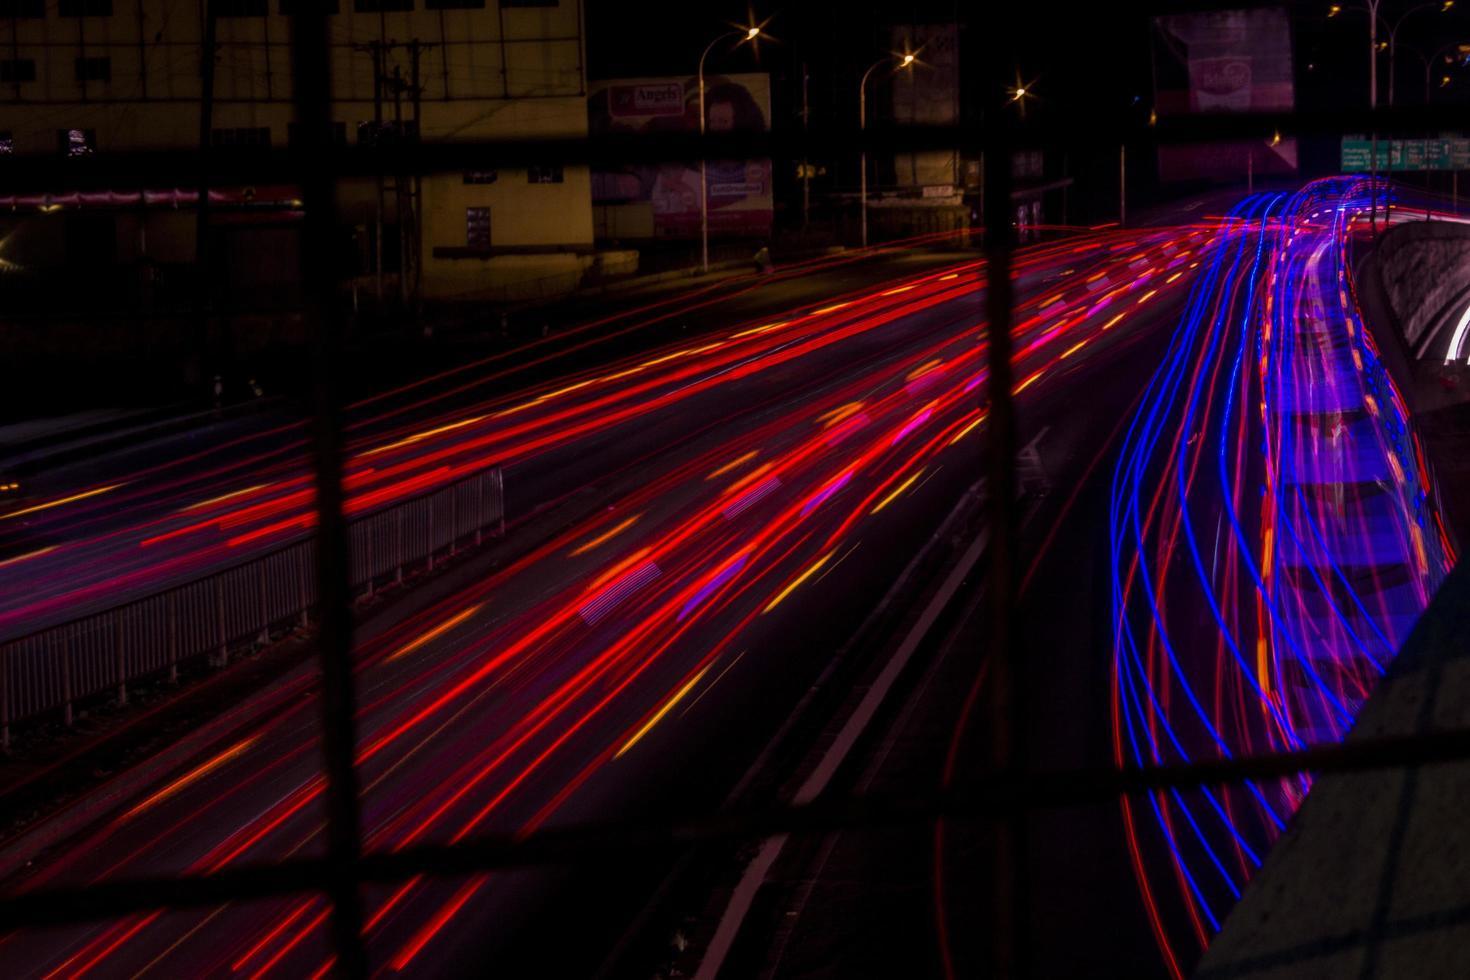 Zeitraffer der Autolichter auf der Straße foto